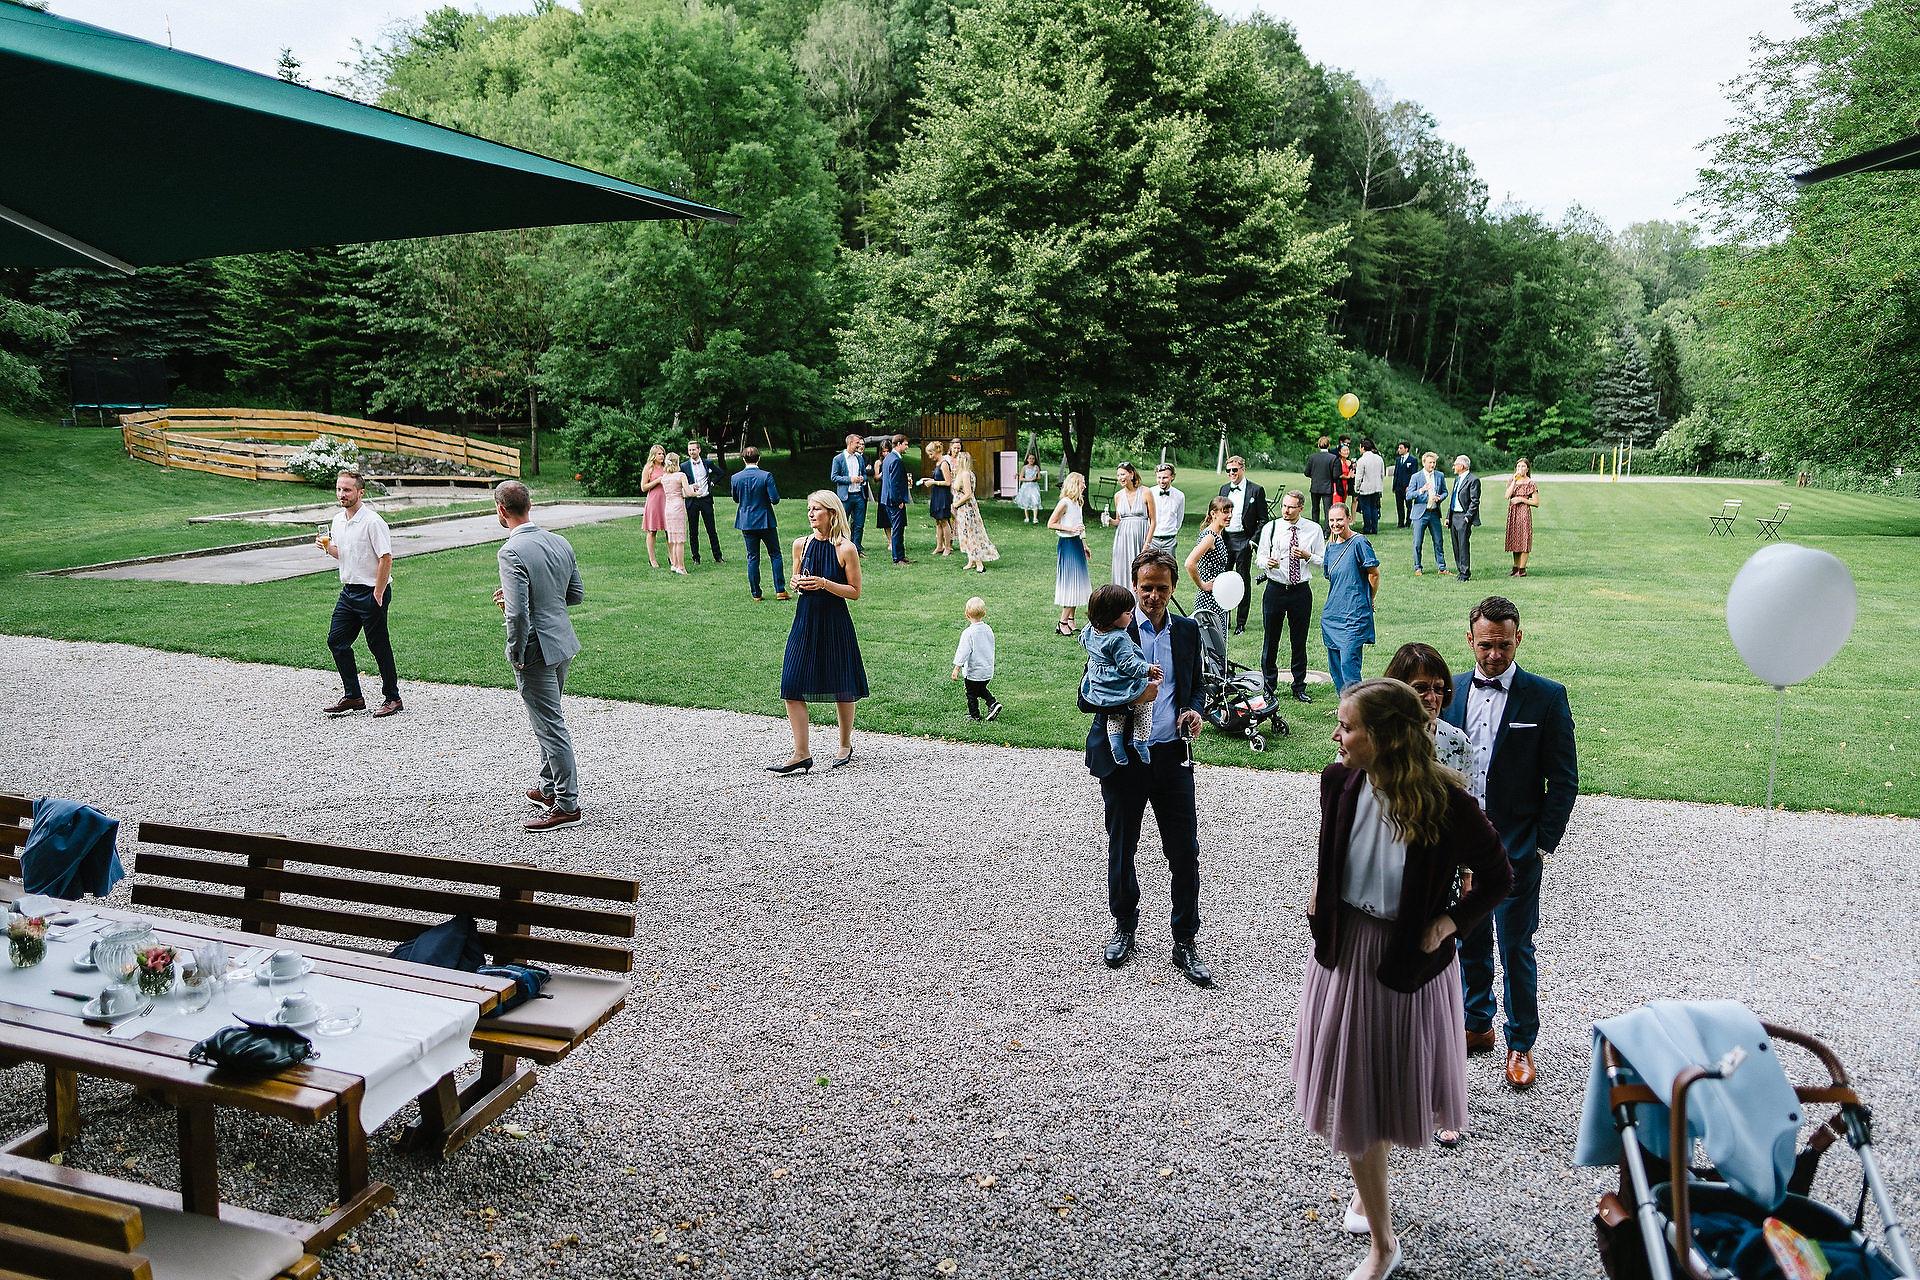 Fotograf Konstanz - Hochzeitsreportage Freiburg Hofgut Lilienhof Hochzeit Fotograf Konstanz 65 - Hochzeit in Freiburg und Hofgut Lilienhof  - 159 -